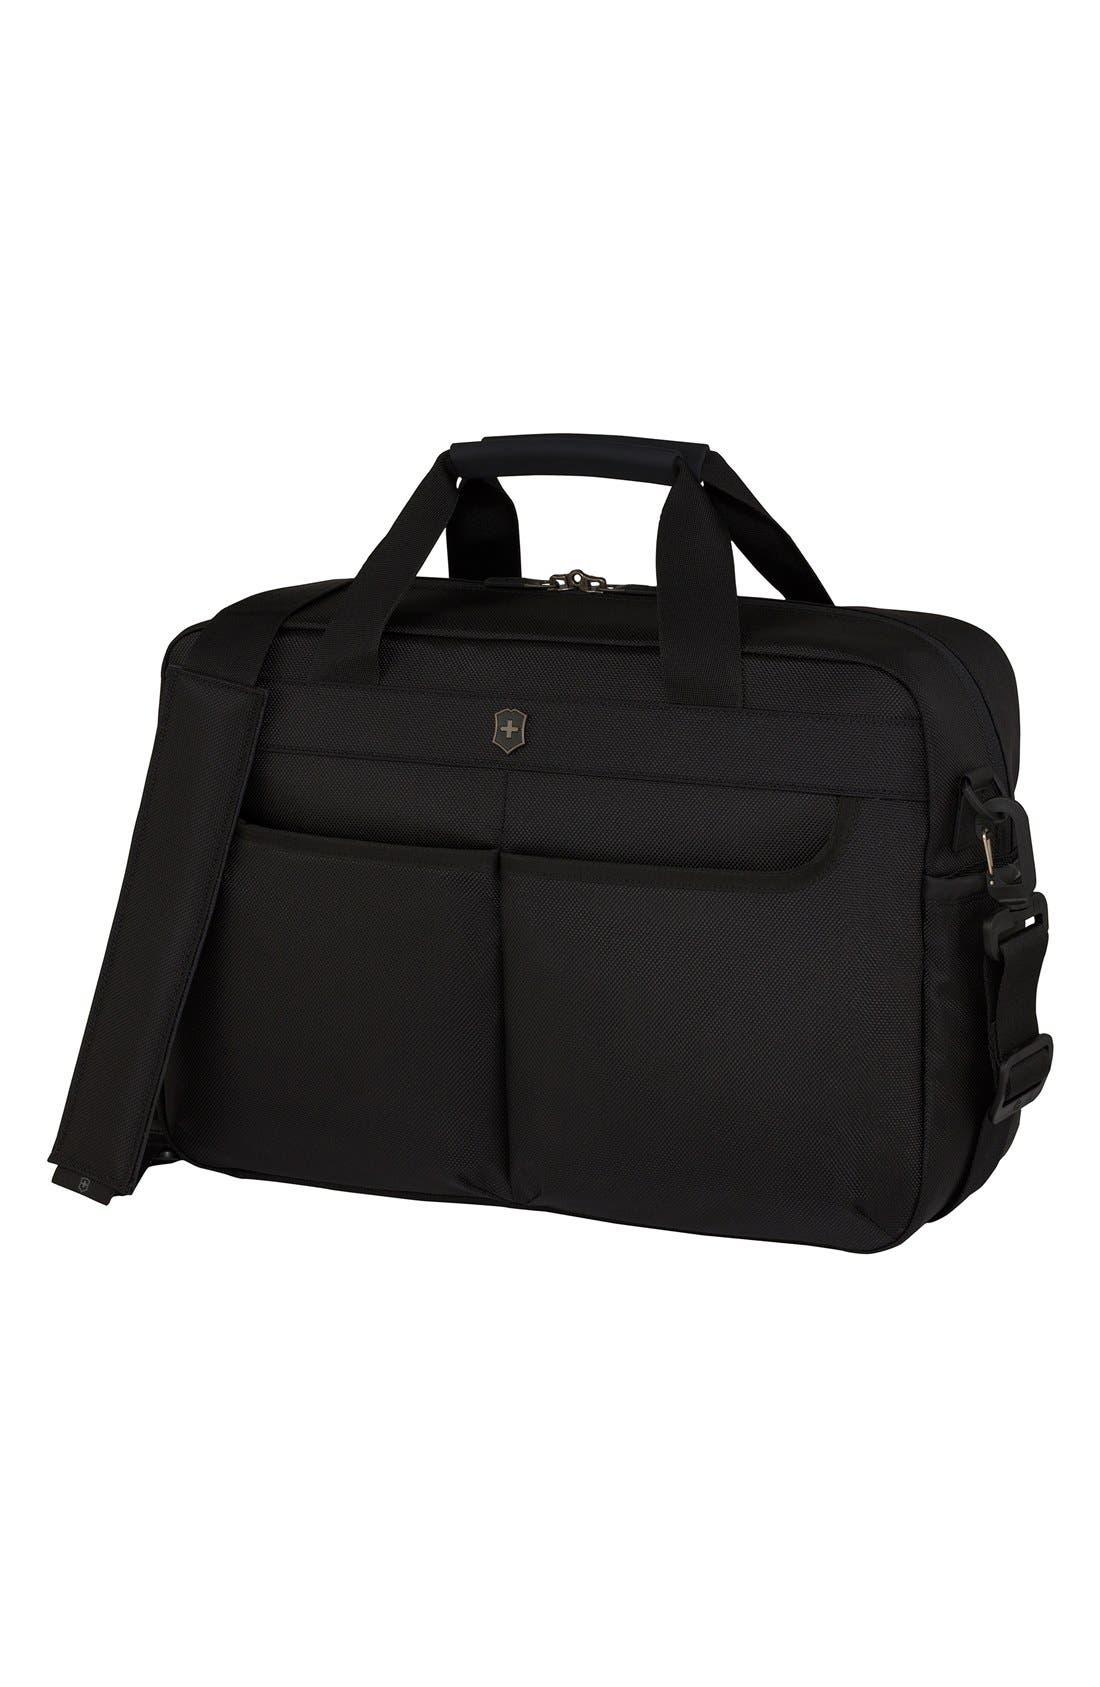 WT 5.0 Tote Bag,                         Main,                         color, 001